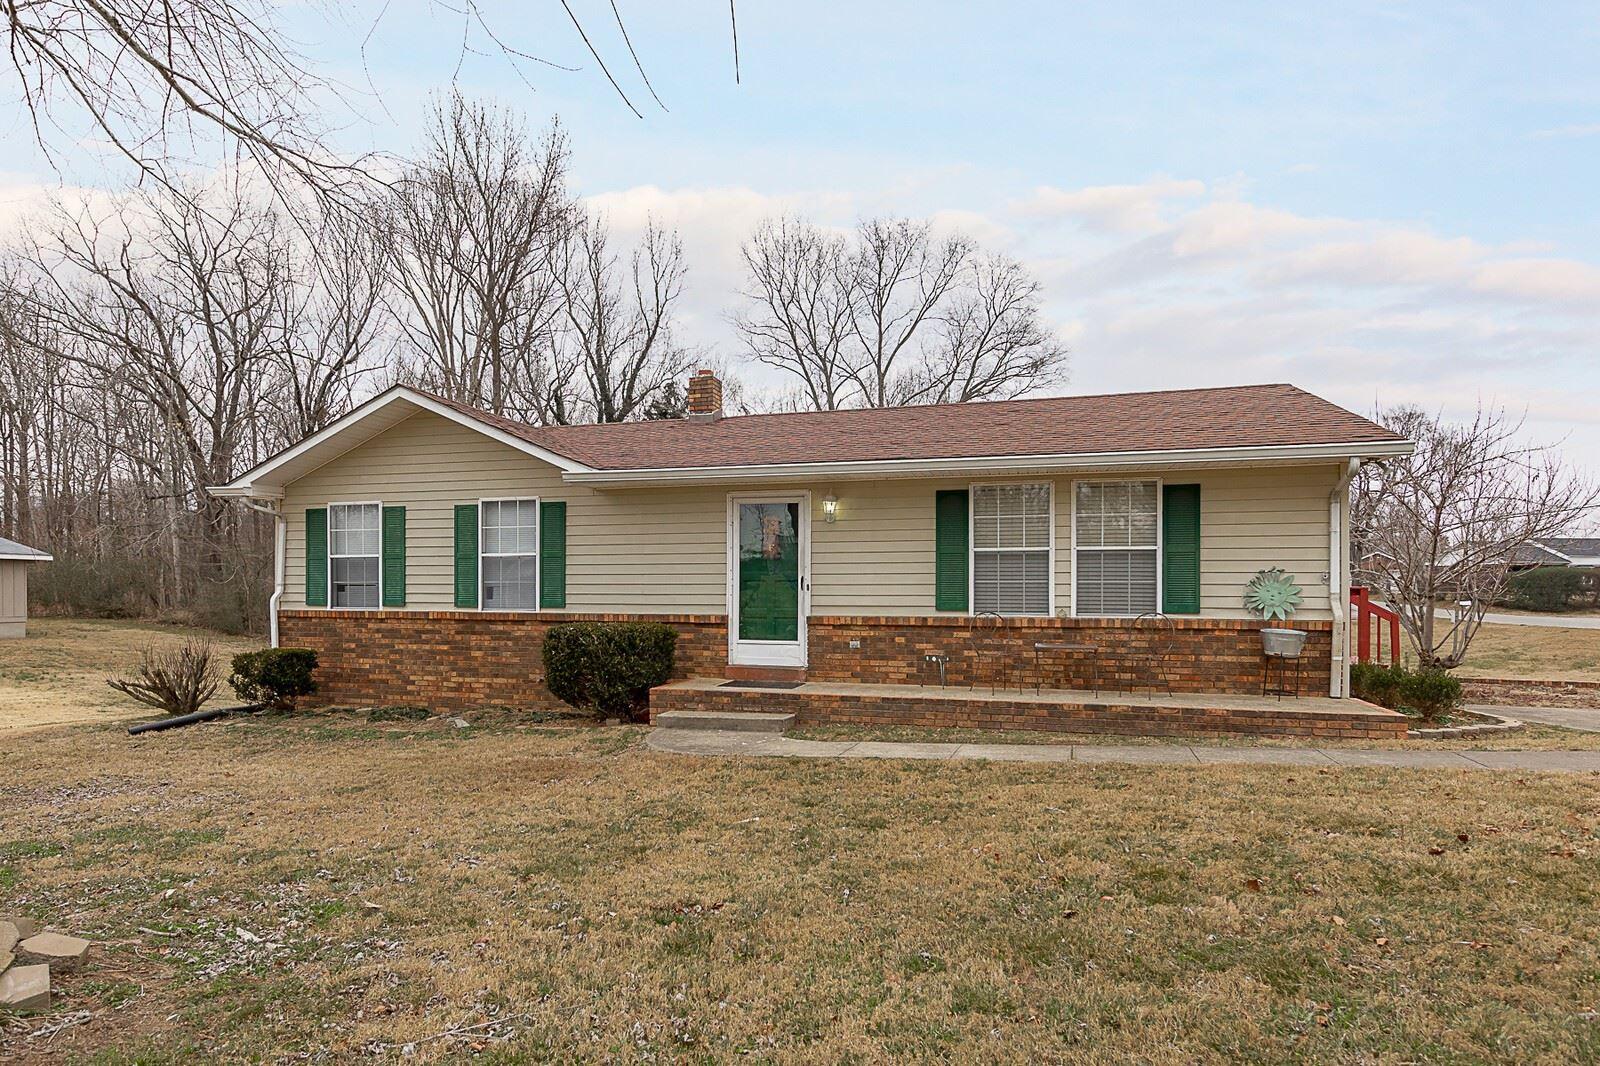 1751 Mooreland Dr, Clarksville, TN 37040 - MLS#: 2209888